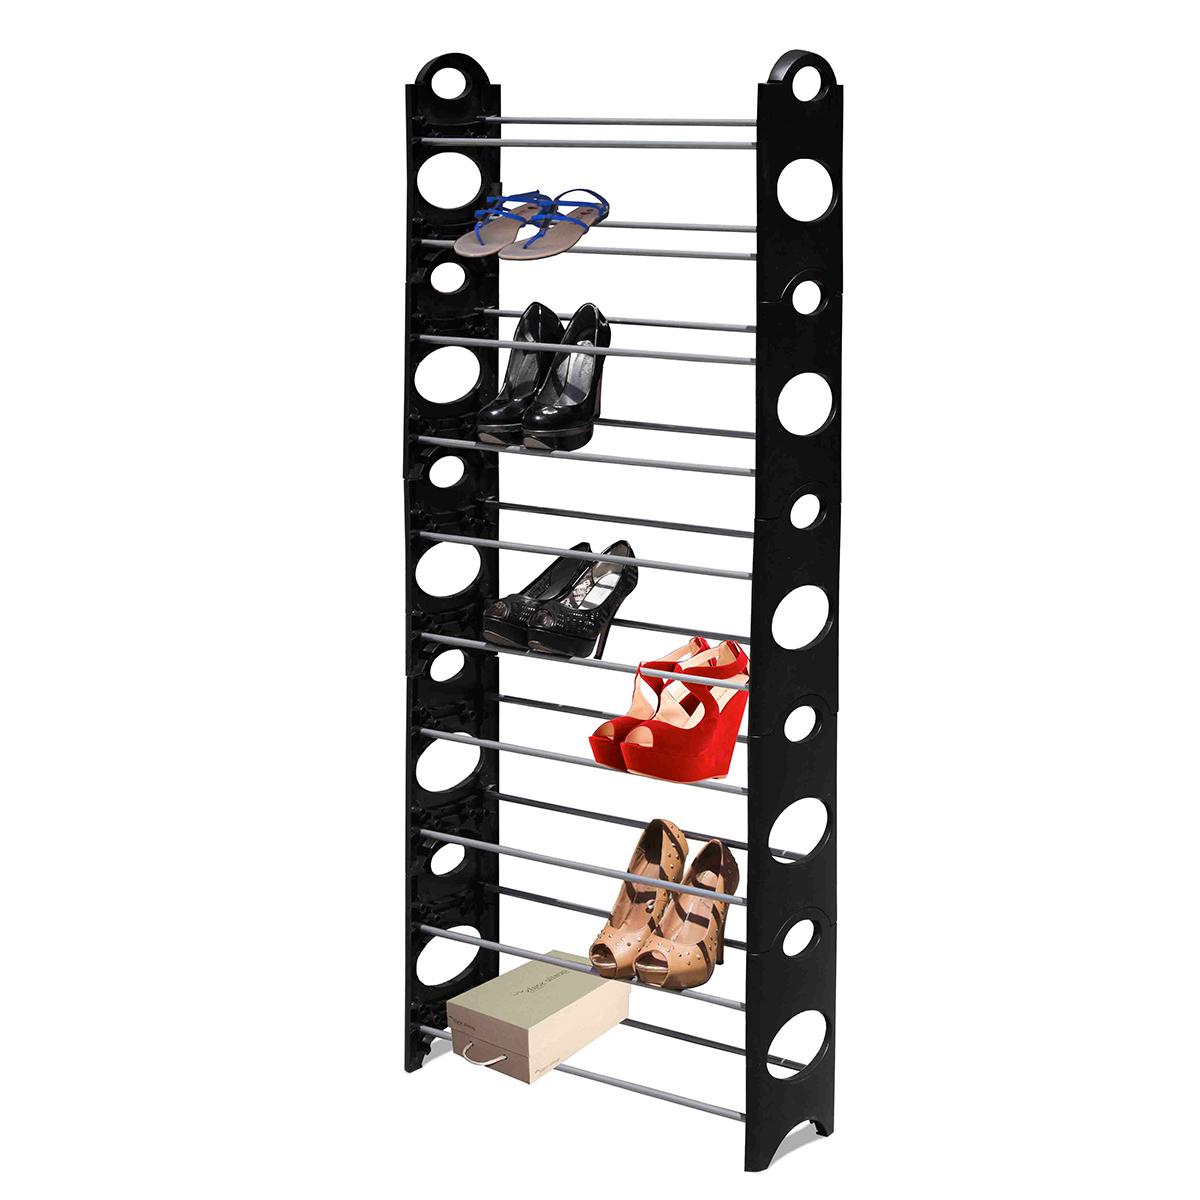 Shoe Rack - 10 Tier -Black